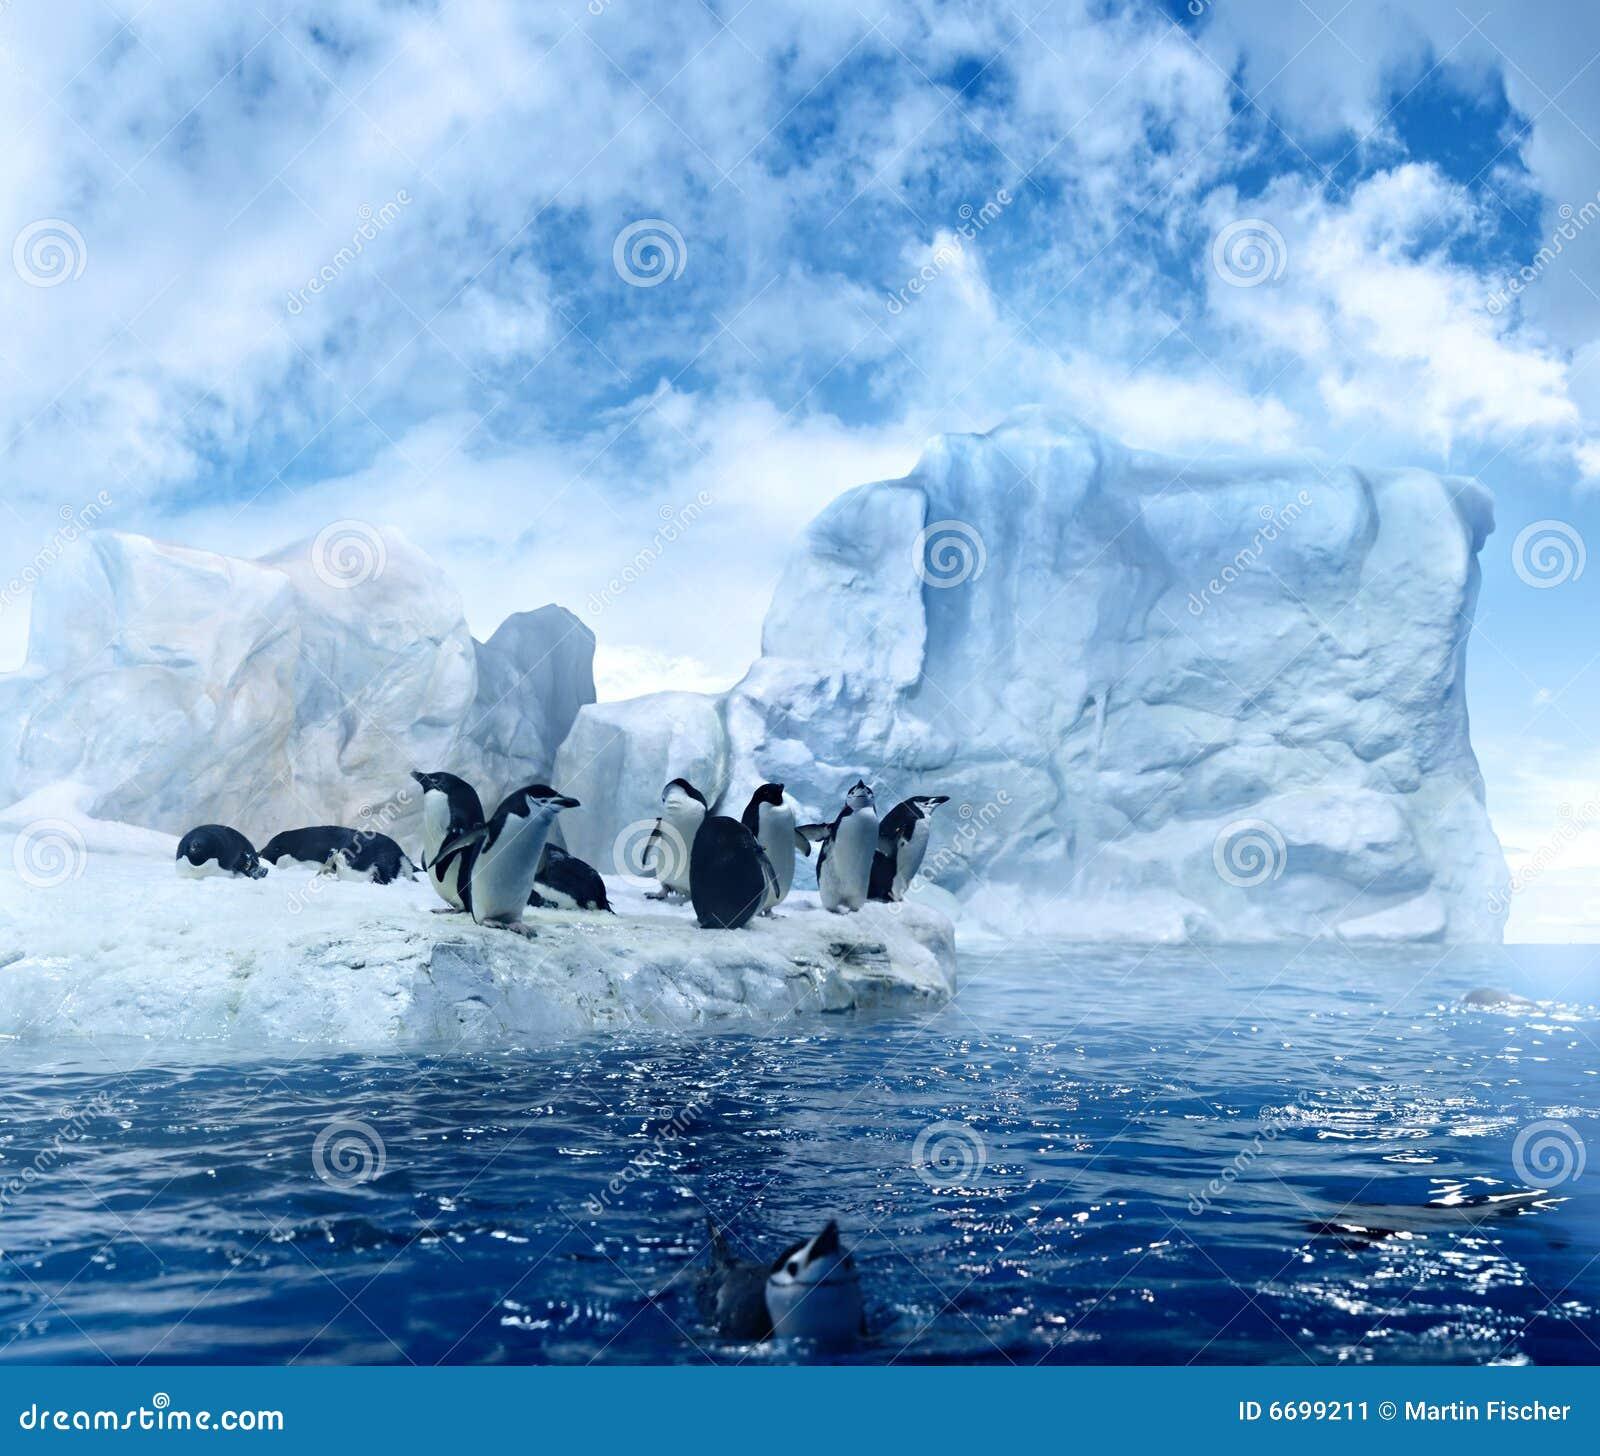 les pingouins sur fondre la banquise image stock image du bleu outside 6699211. Black Bedroom Furniture Sets. Home Design Ideas